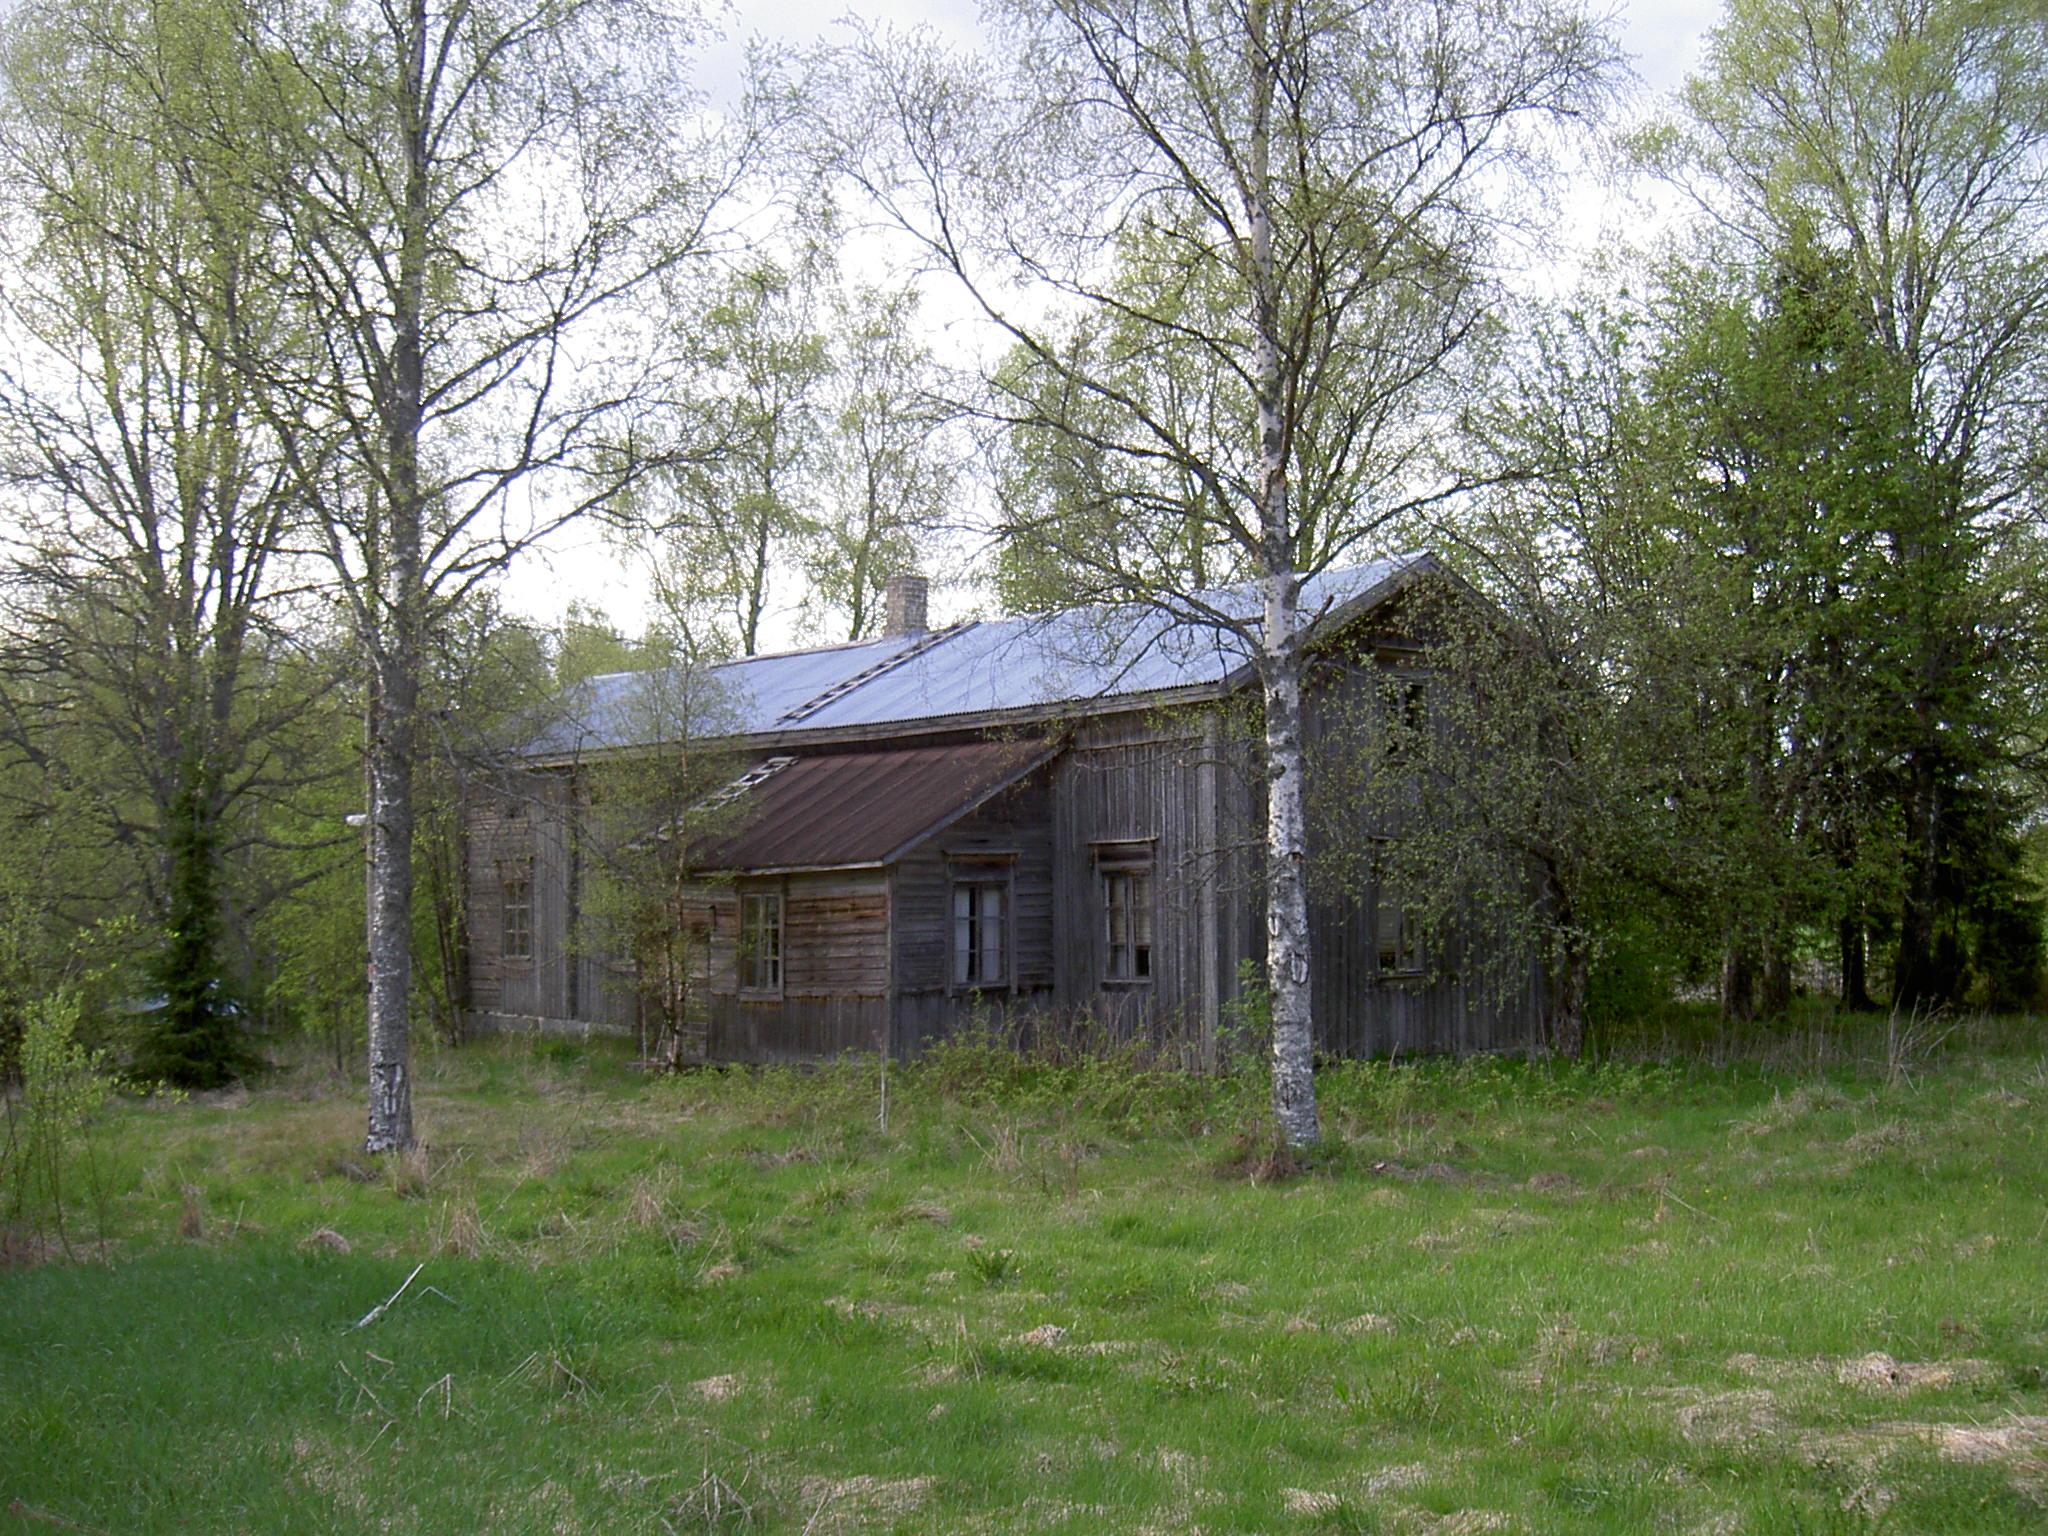 """Så här såg Forslunds gård i Lillsjö ut våren 2003. Åtminstone en del av huset var från slutet på 1700-talet då den första nybyggaren Matts Mickelsson (1755-1797)bosatte sig i Lillsjö. Sedan övertogs den av sonen Matts Mattsson (1779-1853) och sedan av dennes son Johan Henrik Mattsson (1804-1875). Följande ägare blev dennes son Henrik Johansson (1828-1916) som kallades """"Lillsjö-Hindrik"""". Efter Henrik bodde dennes son Karl Erik Forslund där och den sista som bodde i huset före det revs var Karl Eriks son Sigvald Forslund."""